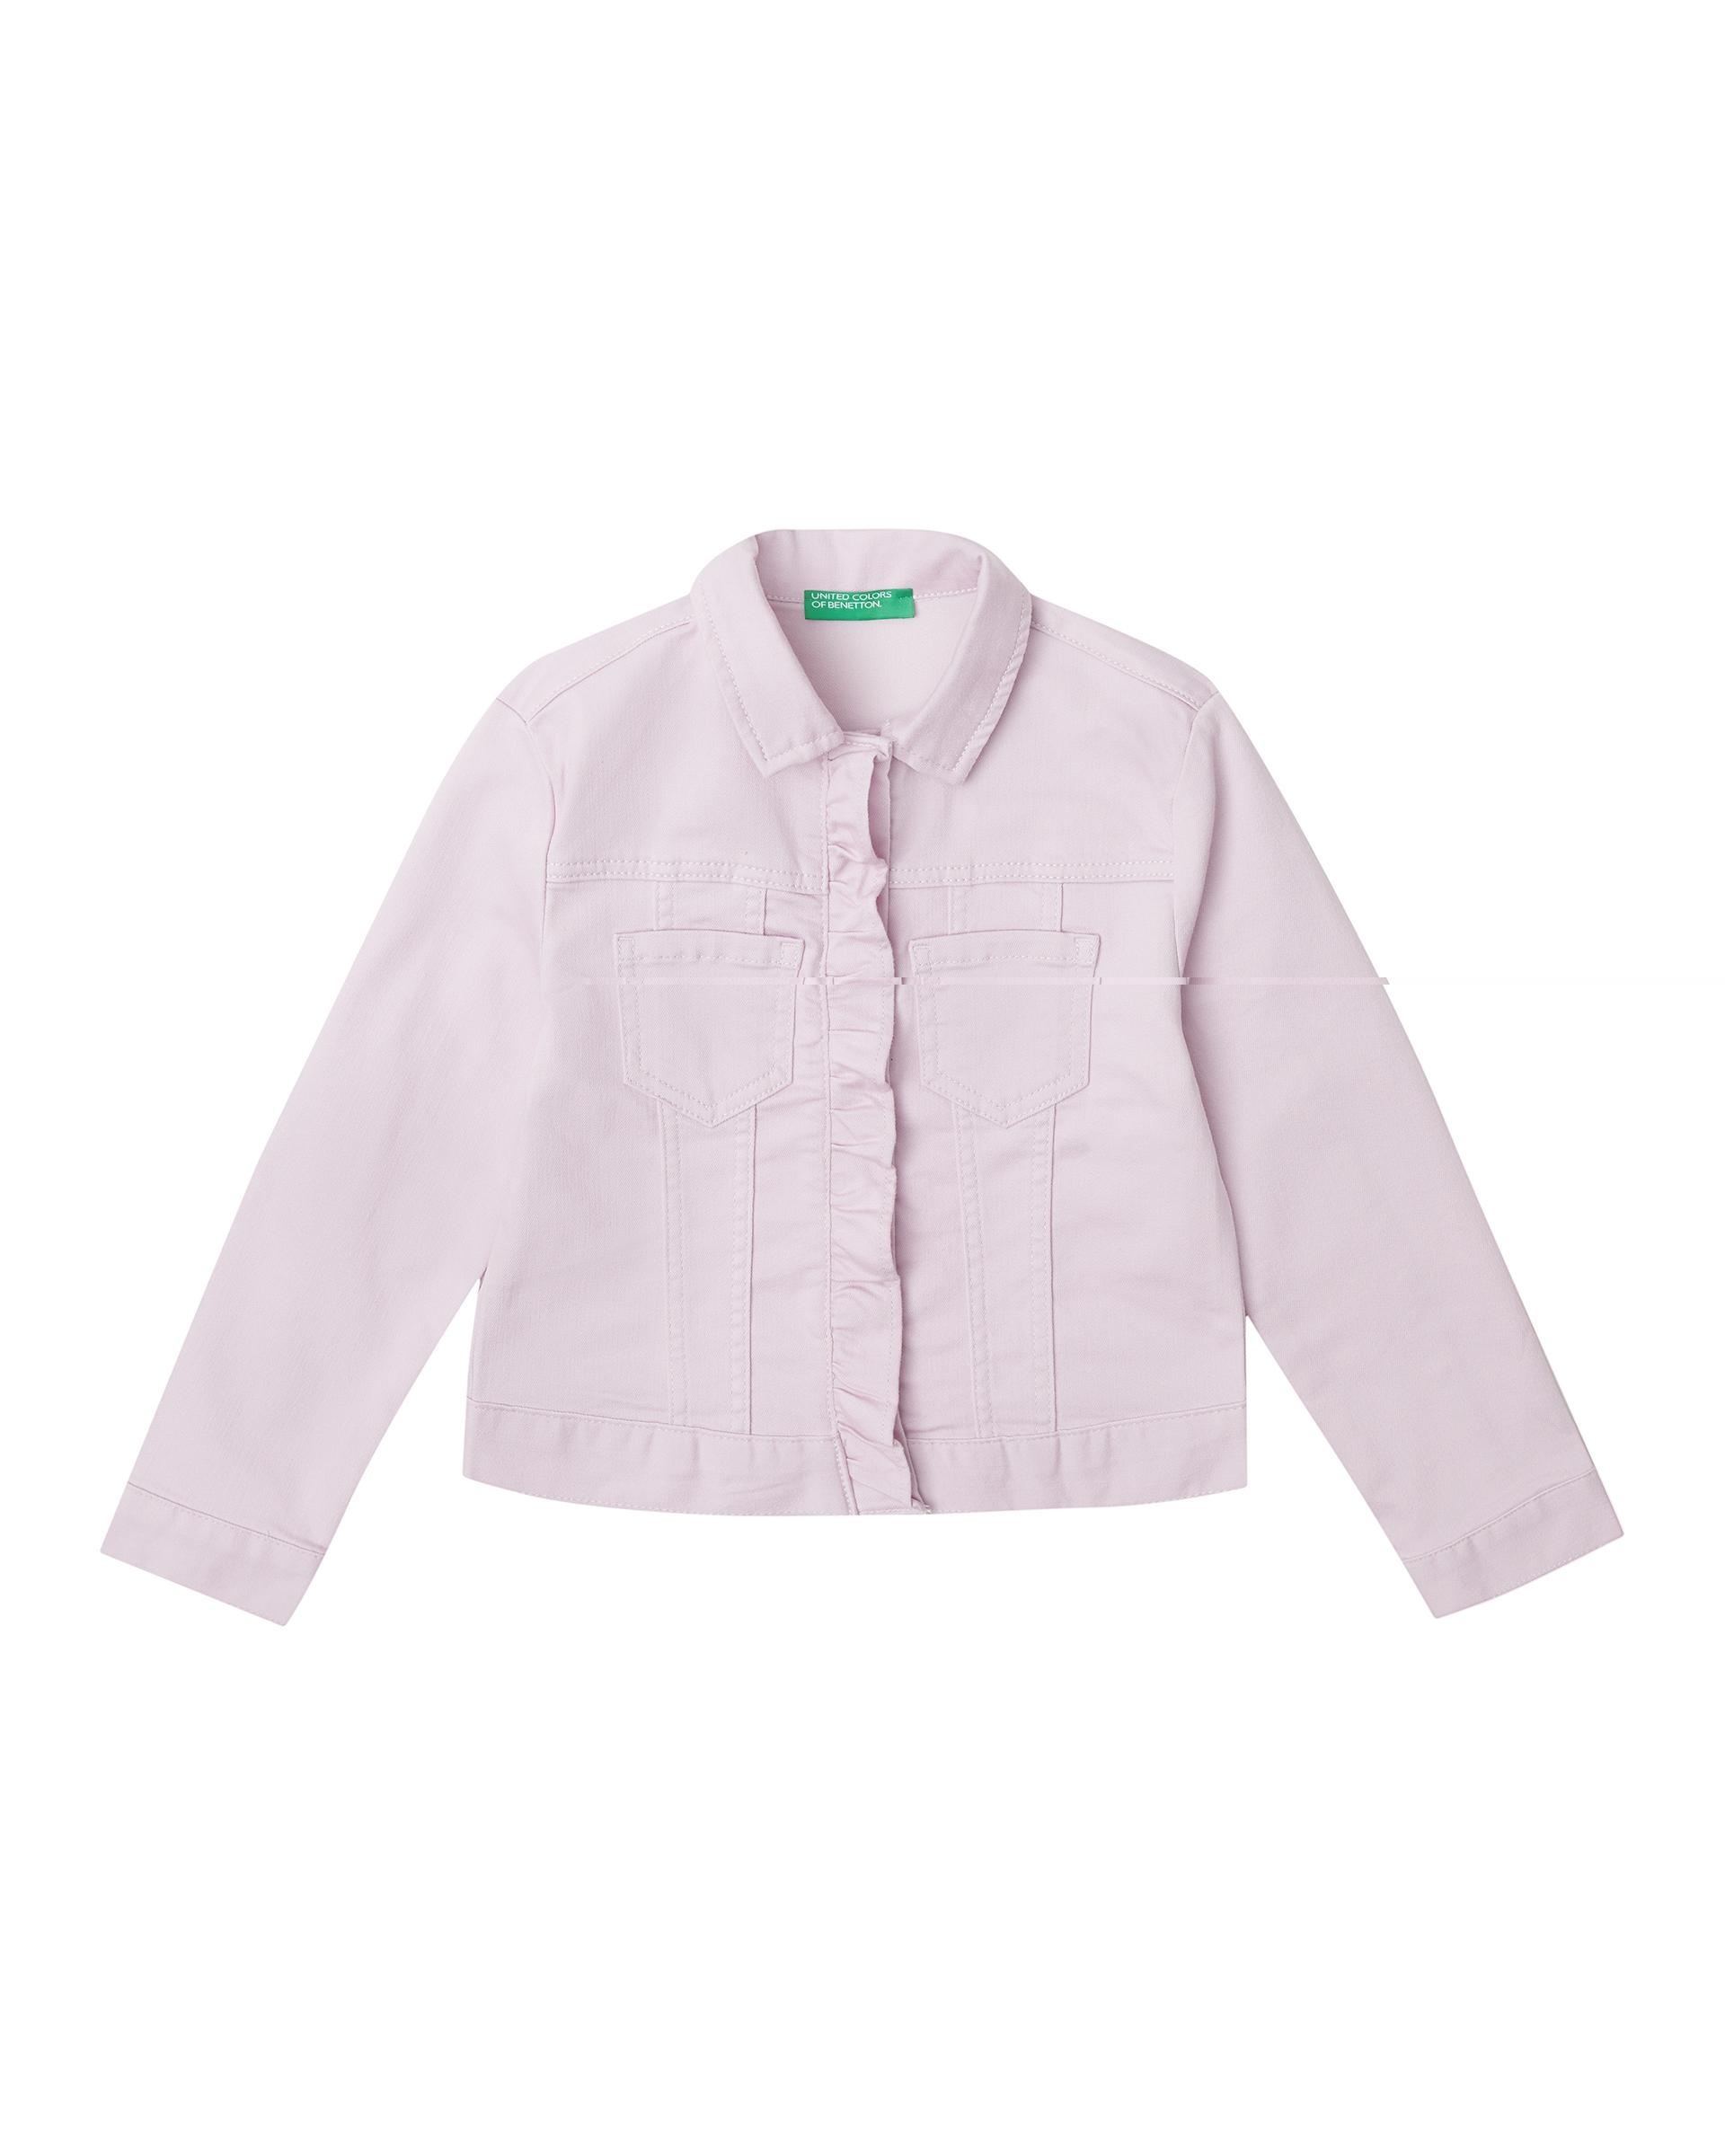 20P_2HB553I30_07M, Джинсовая куртка для девочек Benetton 2HB553I30_07M р-р 152, United Colors of Benetton, Куртки для девочек  - купить со скидкой